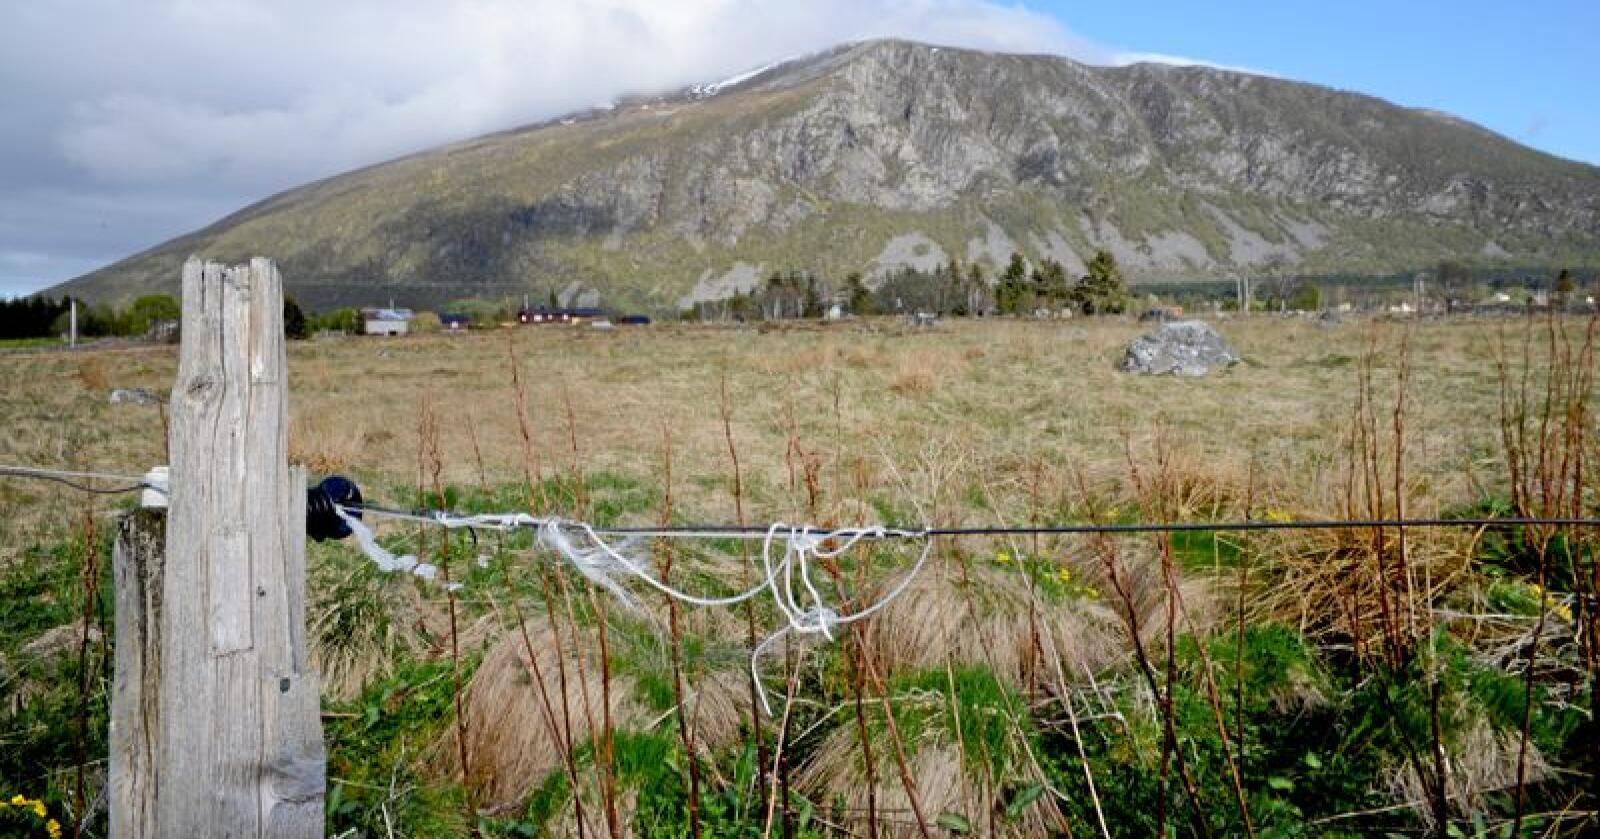 Kulturlandskapsartene har ingen alternative leveområder enn det landskapet som bonden skaper, skriver kronikkforfatterne.  Foto: Mariann Tvete